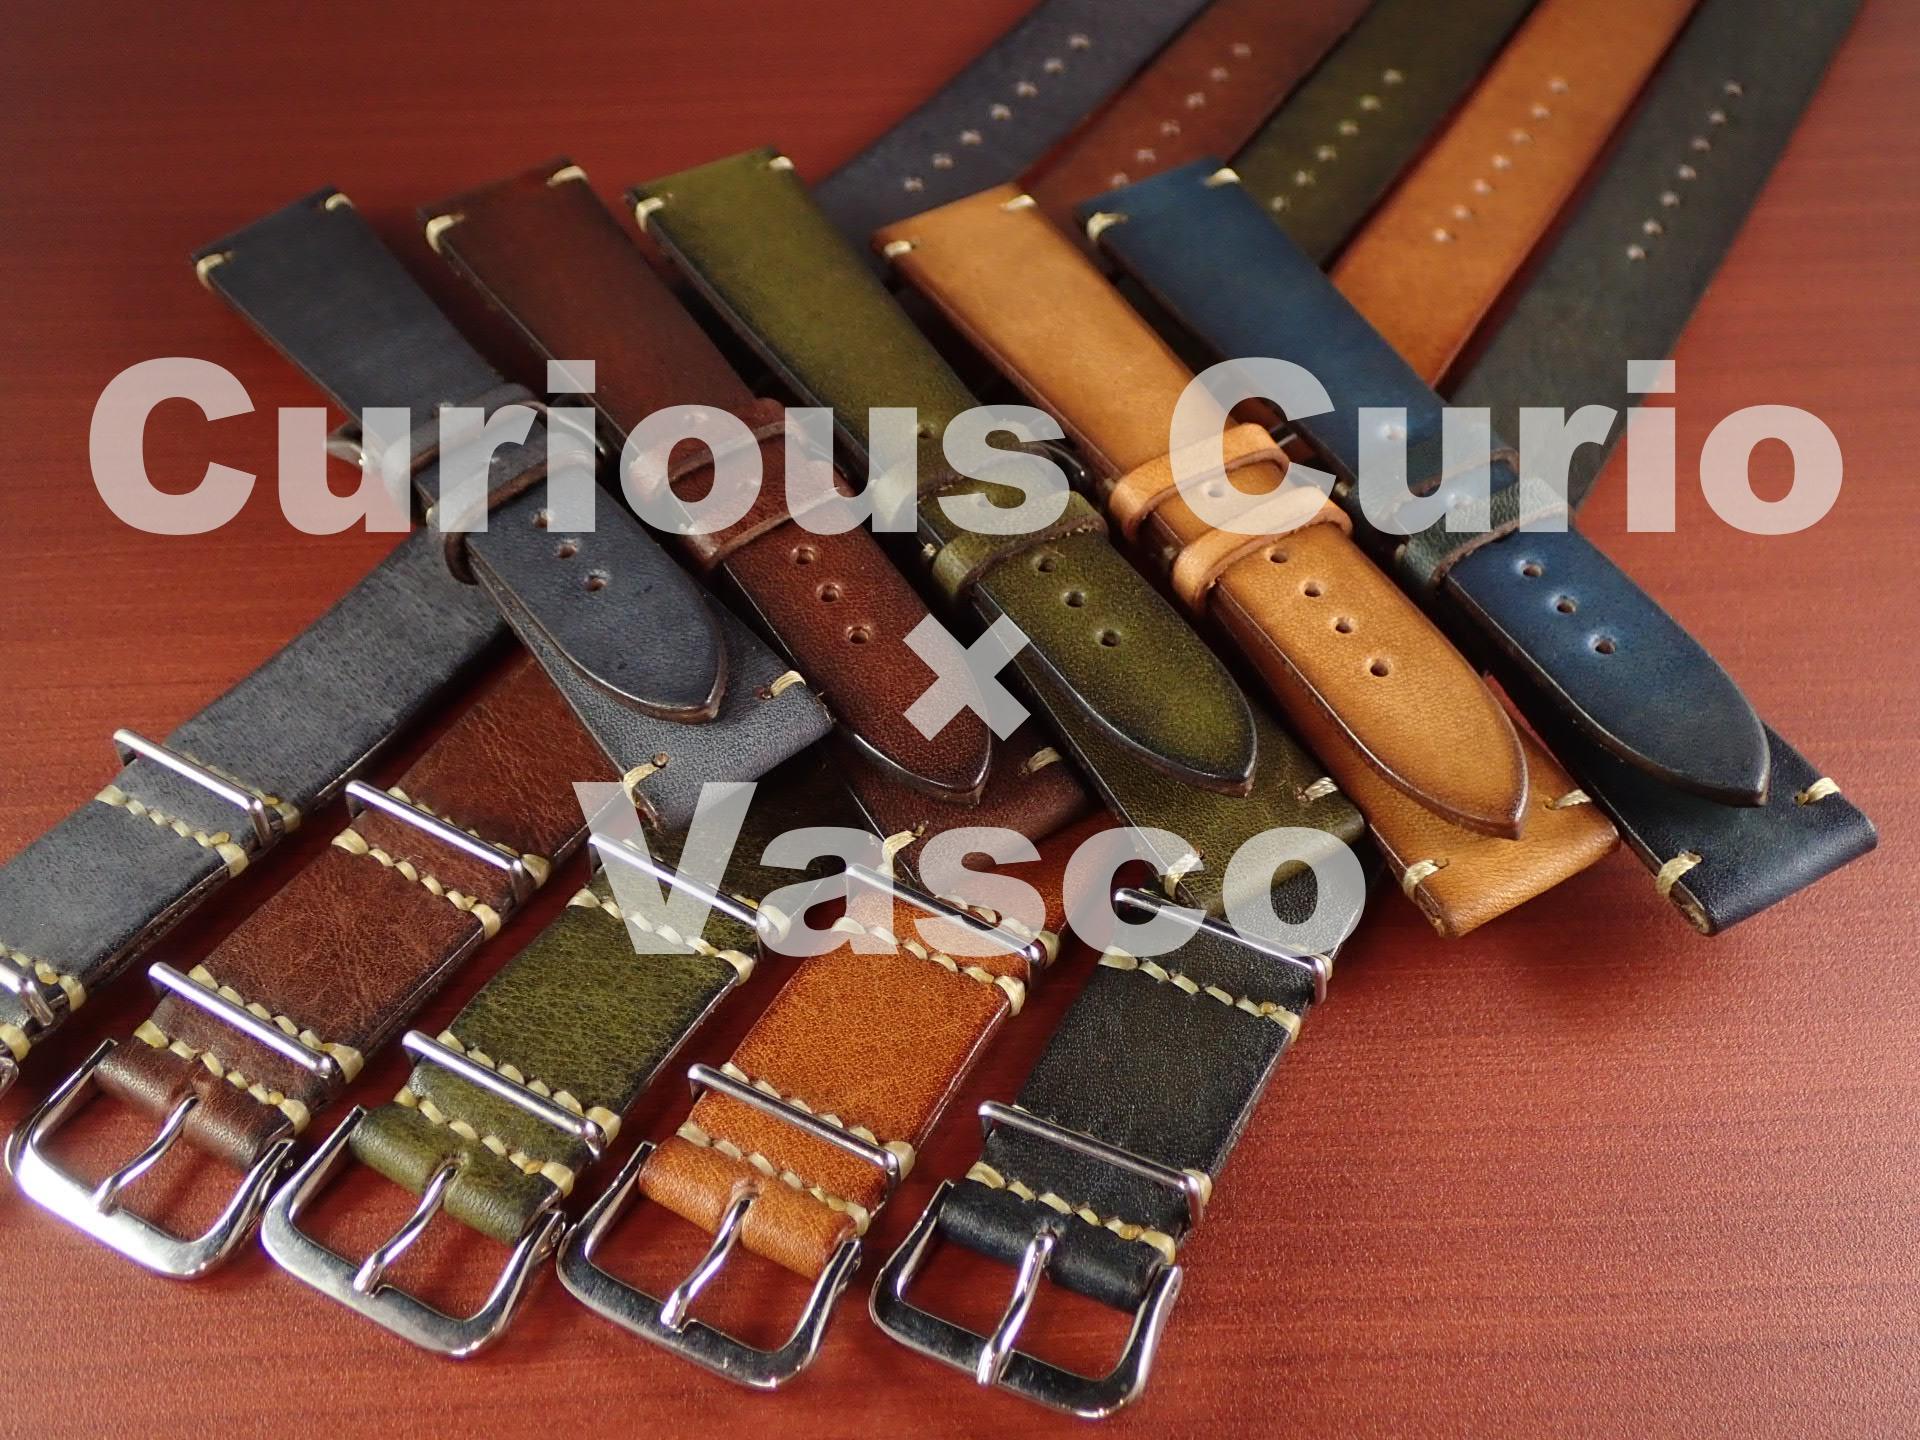 新色追加!Curious Curio × Vasco  コラボ革ベルト